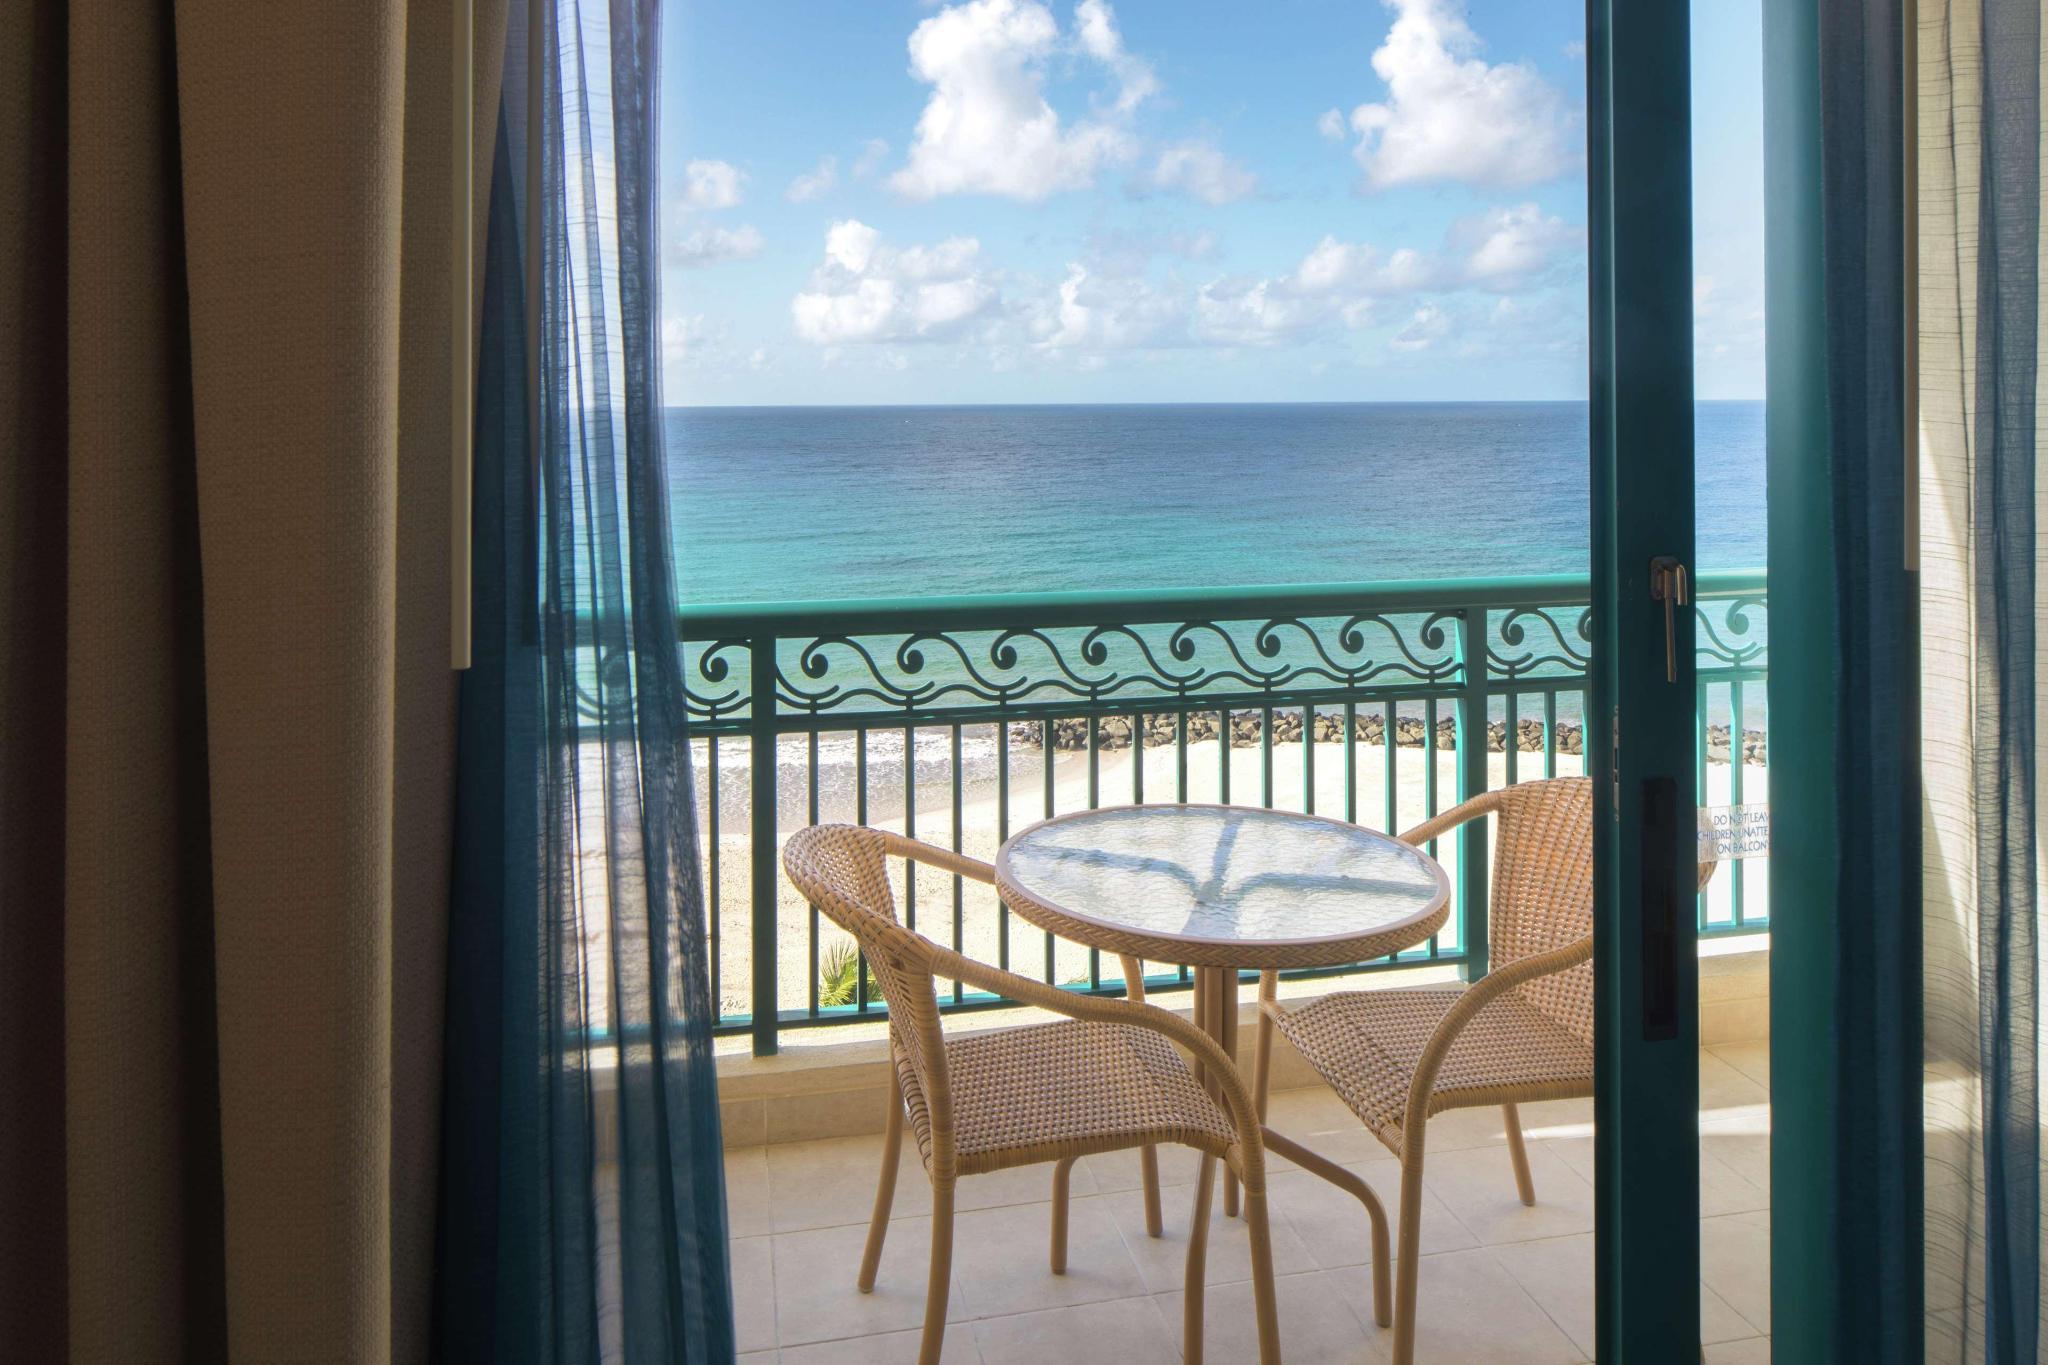 Premium Ocean View 2 Double Beds